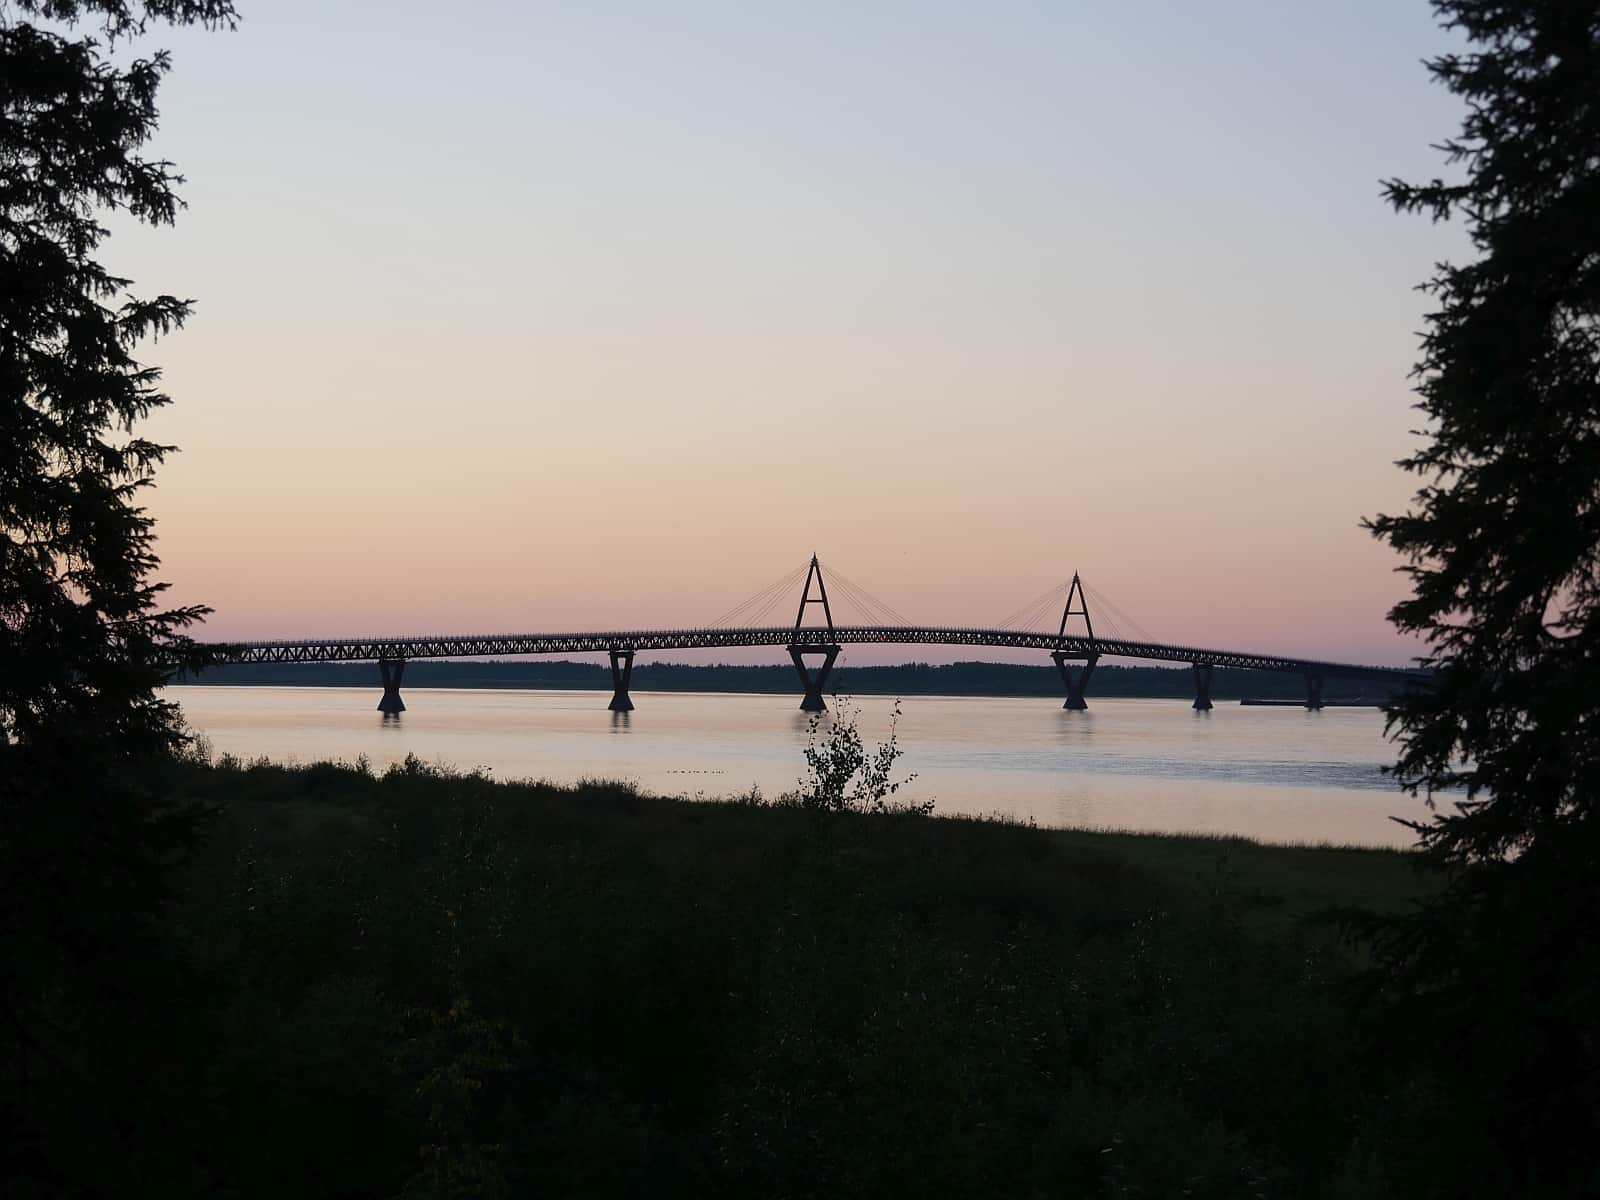 Die 2012 eröffnete Deh Cho Bridge über den Mackenzie River bei Fort Providence, NWT. Foto Alfred Pradel